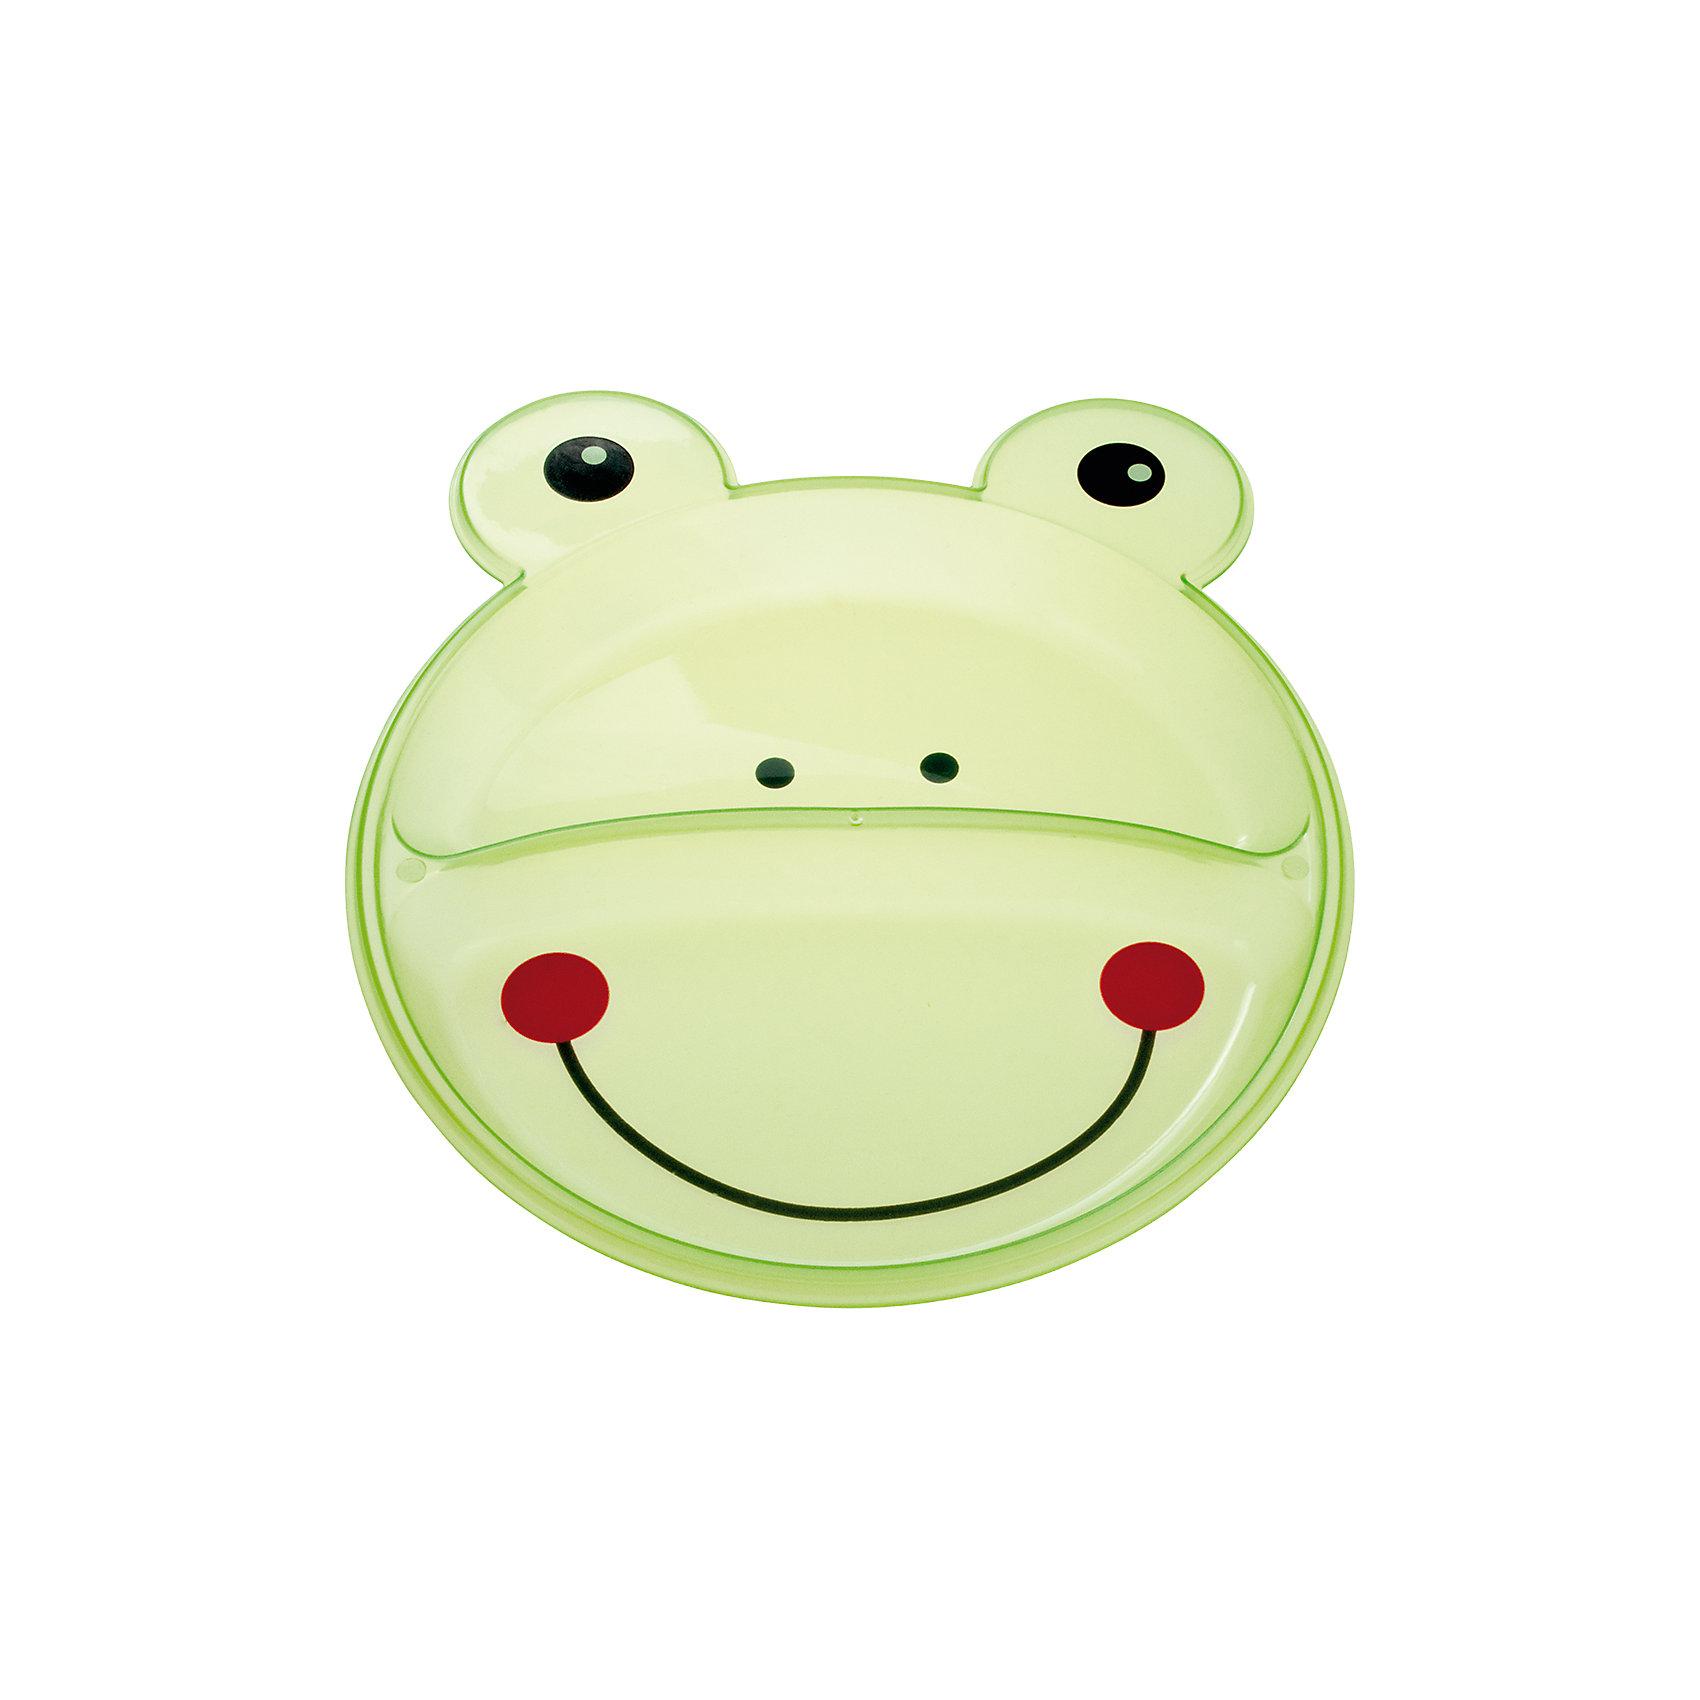 Тарелка с разделением Animals Лягушонок, 9+, Canpol Babies, зеленыйТарелка с разделением Animals Лягушонок, 9+, Canpol Babies (Канпол беби), зеленый.<br><br>Характеристики:<br>• есть 2 отсека для еды<br>• не содержит бисфенол-А<br>• можно использовать в микроволновой печи и посудомоечной машине<br>• интересный дизайн<br>• размер упаковки: 2х17,7х21,5 см<br>• вес: 100 грамм<br>• объем: 400 мл<br>• цвет: зеленый<br>• материал: пластик <br><br>Тарелка Лягушонок изготовлена из качественного пластика и не содержит бисфенол-А. Тарелка имеет 2 отсека для еды. Вы сможете подать отдельно мясо и гарнир или кашу и фрукты. Посуда выполнена в виде улыбающегося лягушонка, который с удовольствием покажет крохе свою мордашку после обеда. Такая веселая тарелочка превратит прием пищи в веселую игру!<br><br>Тарелку с разделением Animals Лягушонок, 9+, Canpol Babies (Канпол беби), зеленый вы можете купить в нашем интернет-магазине.<br><br>Ширина мм: 20<br>Глубина мм: 215<br>Высота мм: 177<br>Вес г: 390<br>Возраст от месяцев: 9<br>Возраст до месяцев: 36<br>Пол: Унисекс<br>Возраст: Детский<br>SKU: 5156697